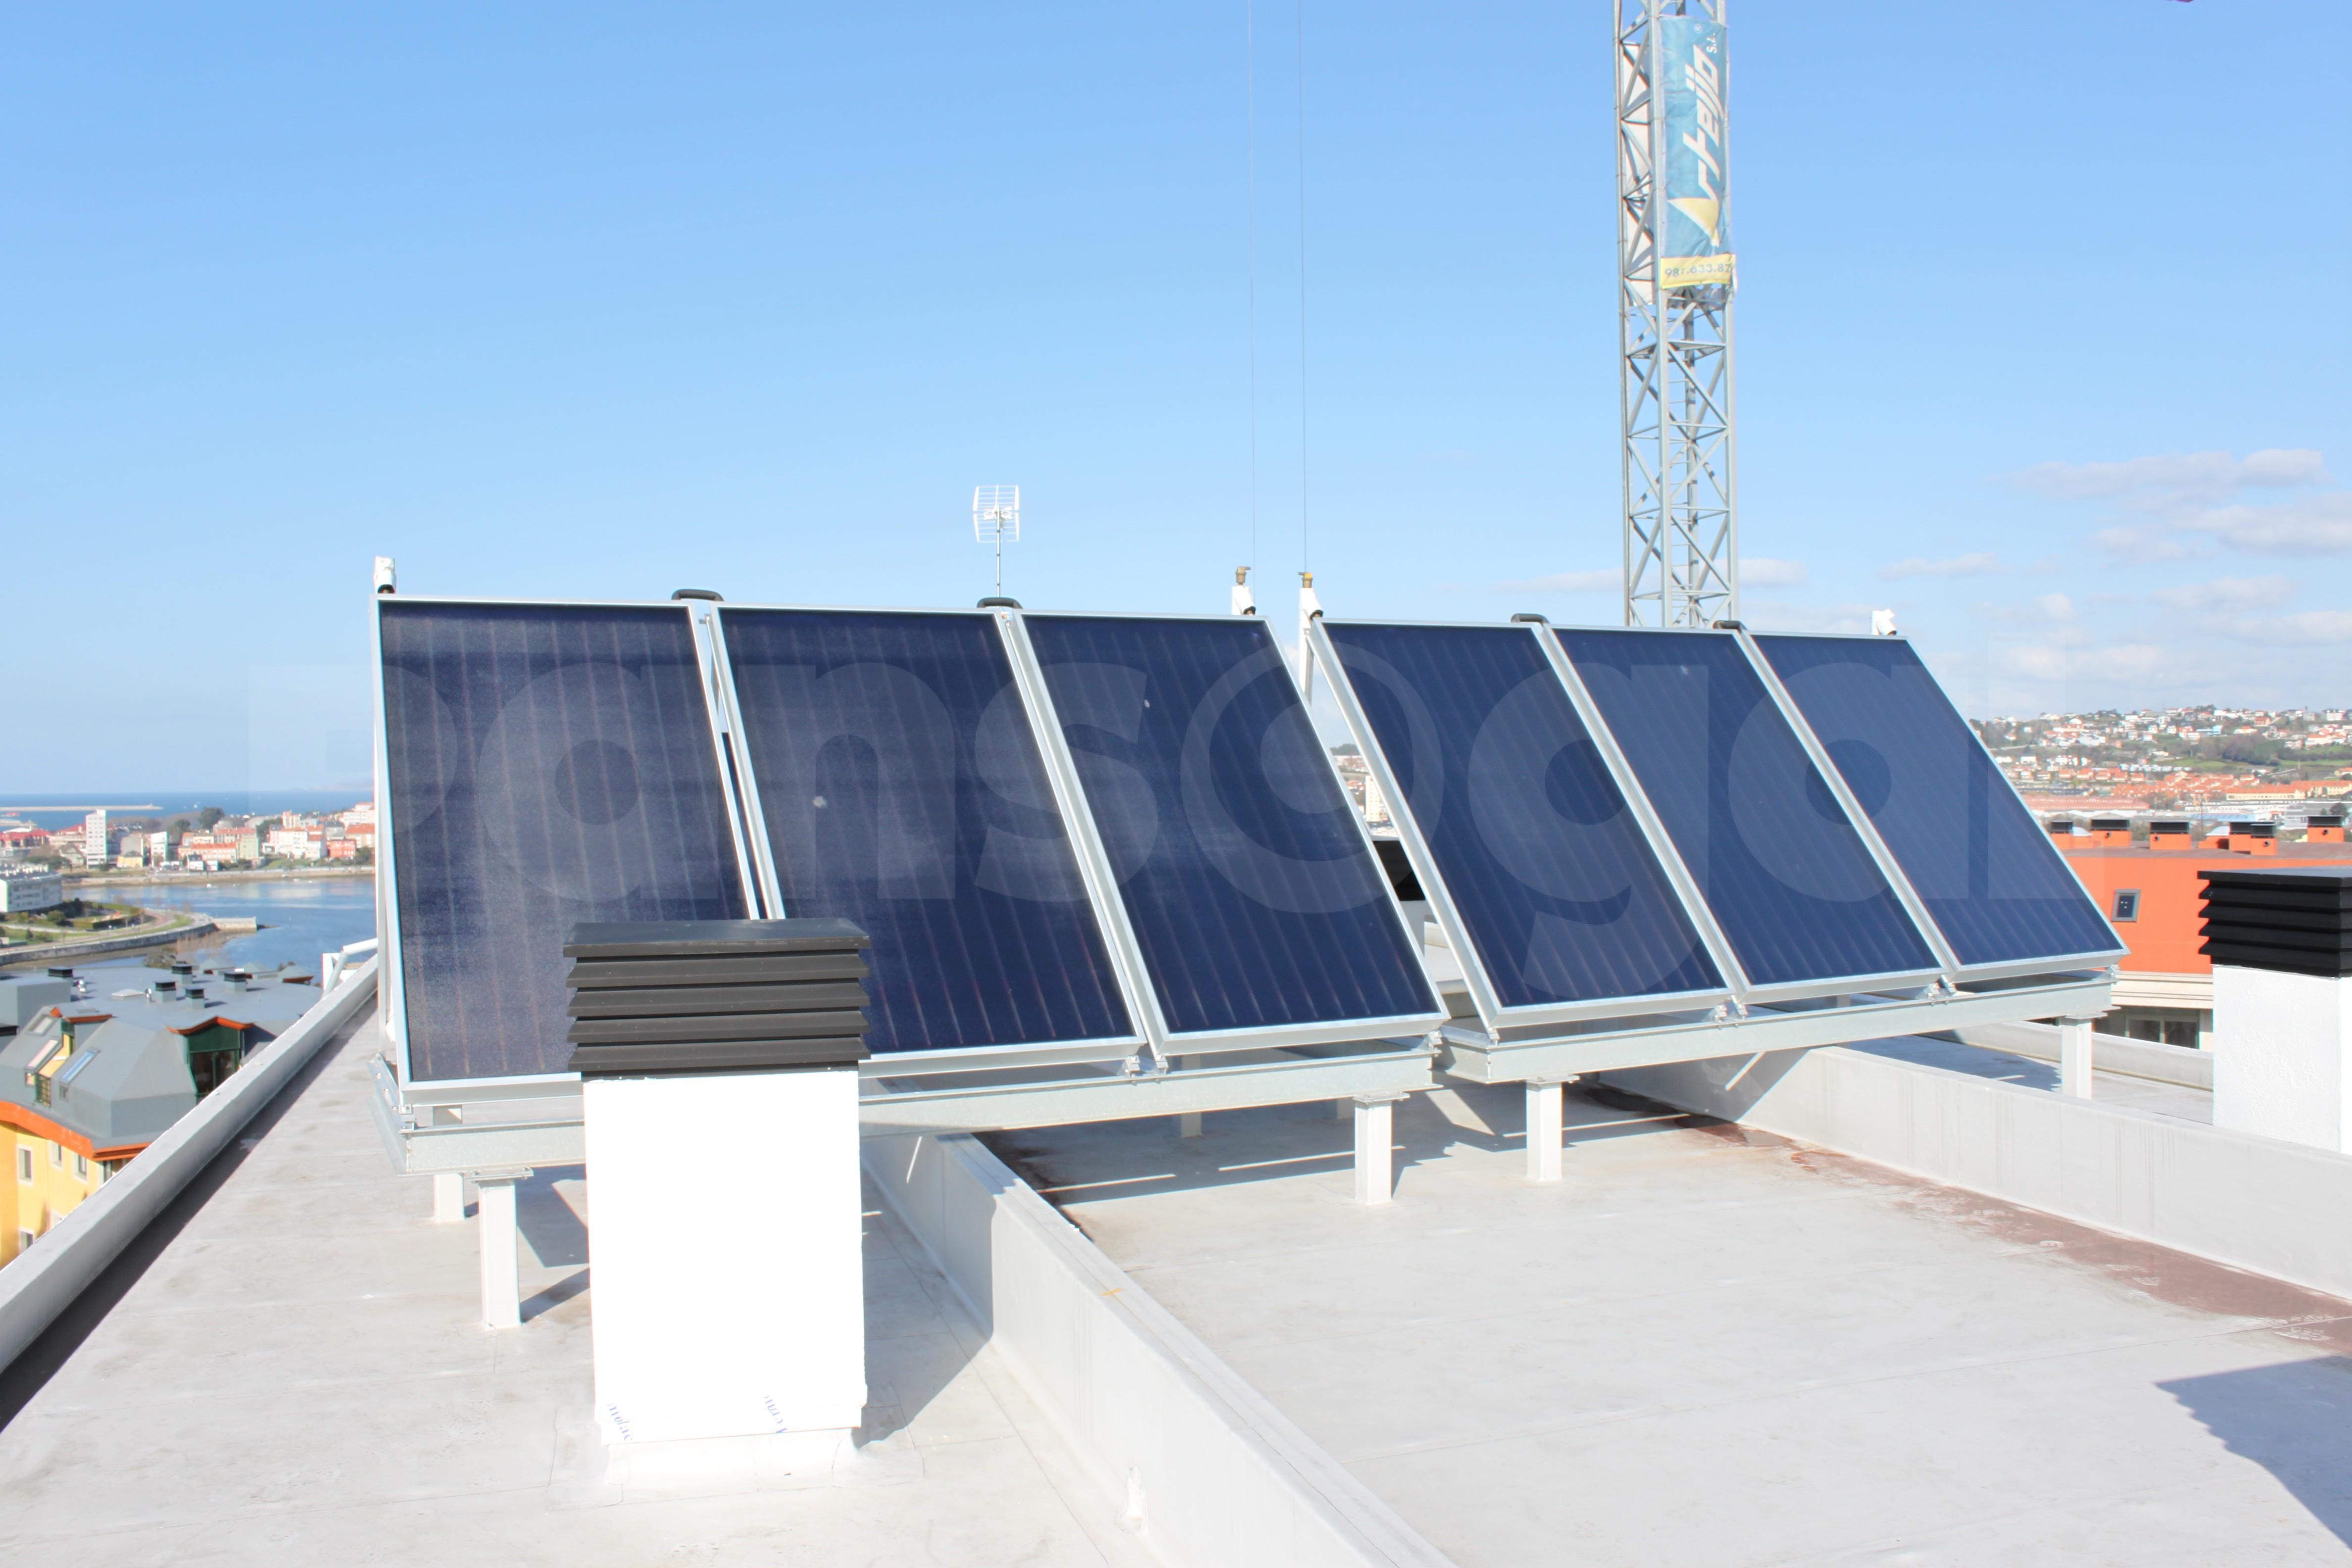 paneles solares para calentamiento de piscinas pansogal